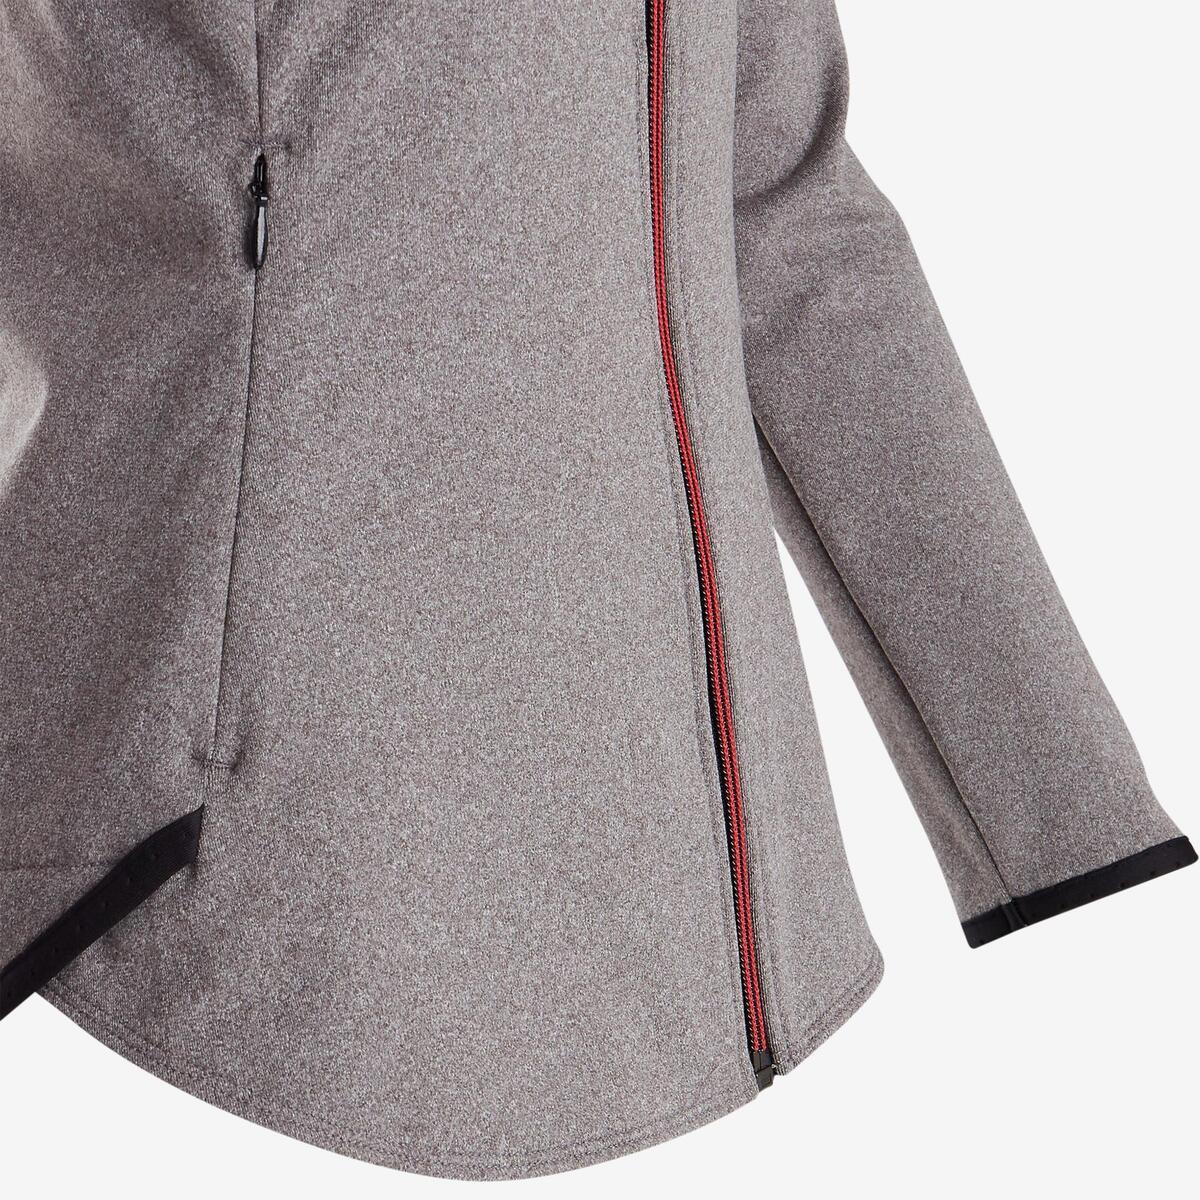 Bild 5 von Trainingsjacke warm atmungsaktiv S900 Gym Kinder grau/schwarze Einsätze